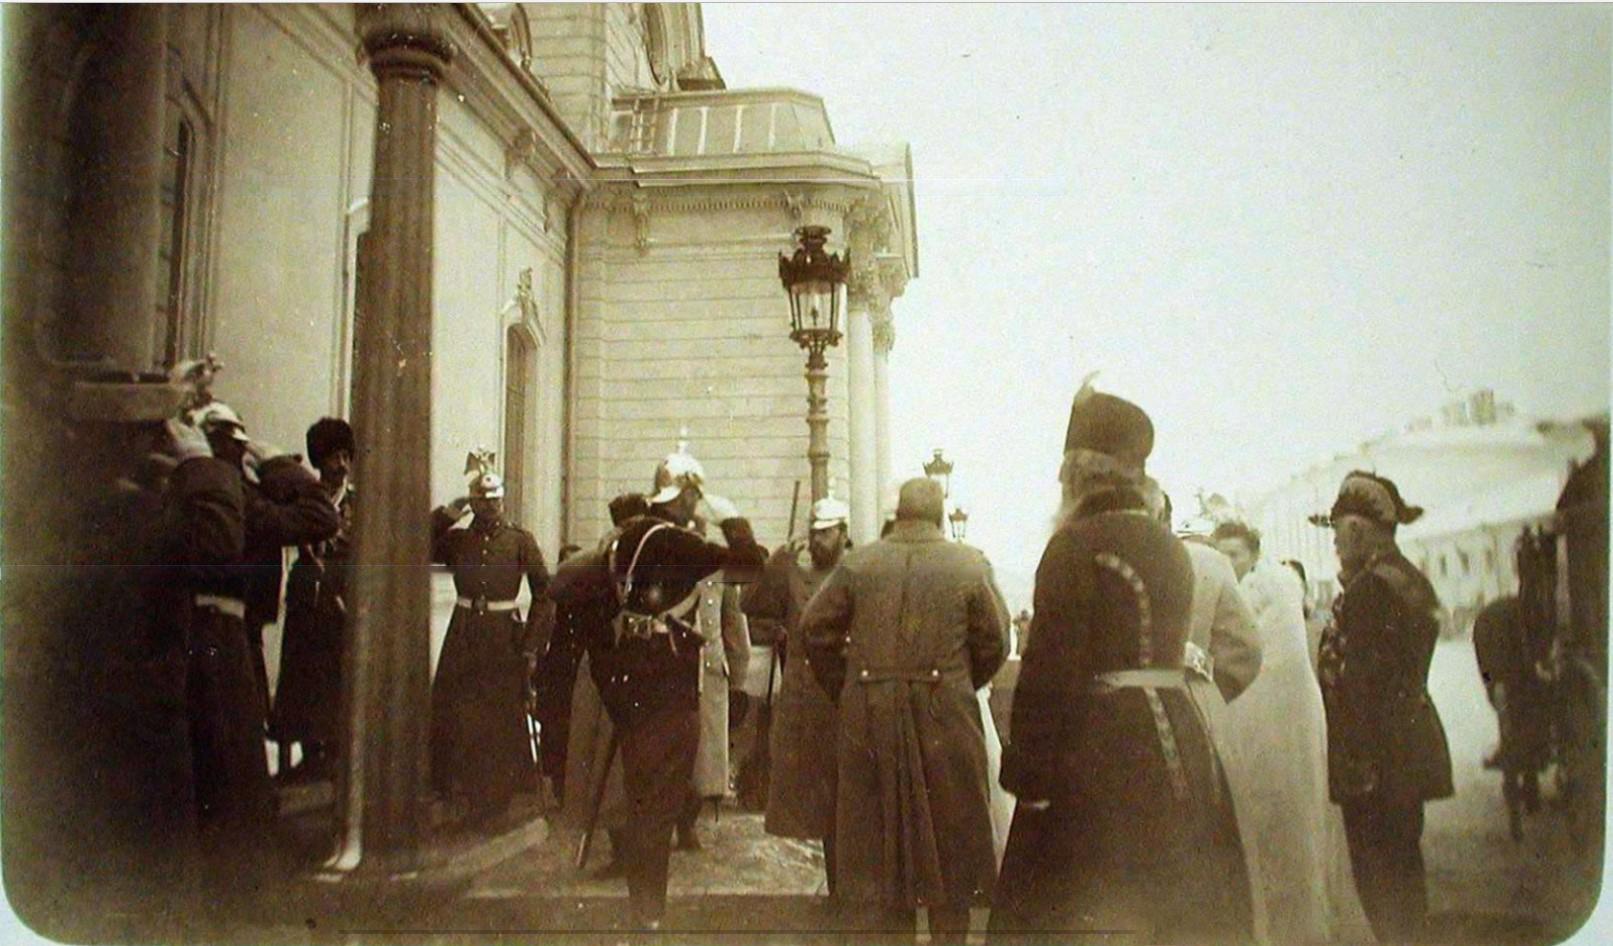 11. Начальник почетного караула, кавалергард отдает рапорт императору Николаю II, прибывшему на церемонию освящения полковой церкви.